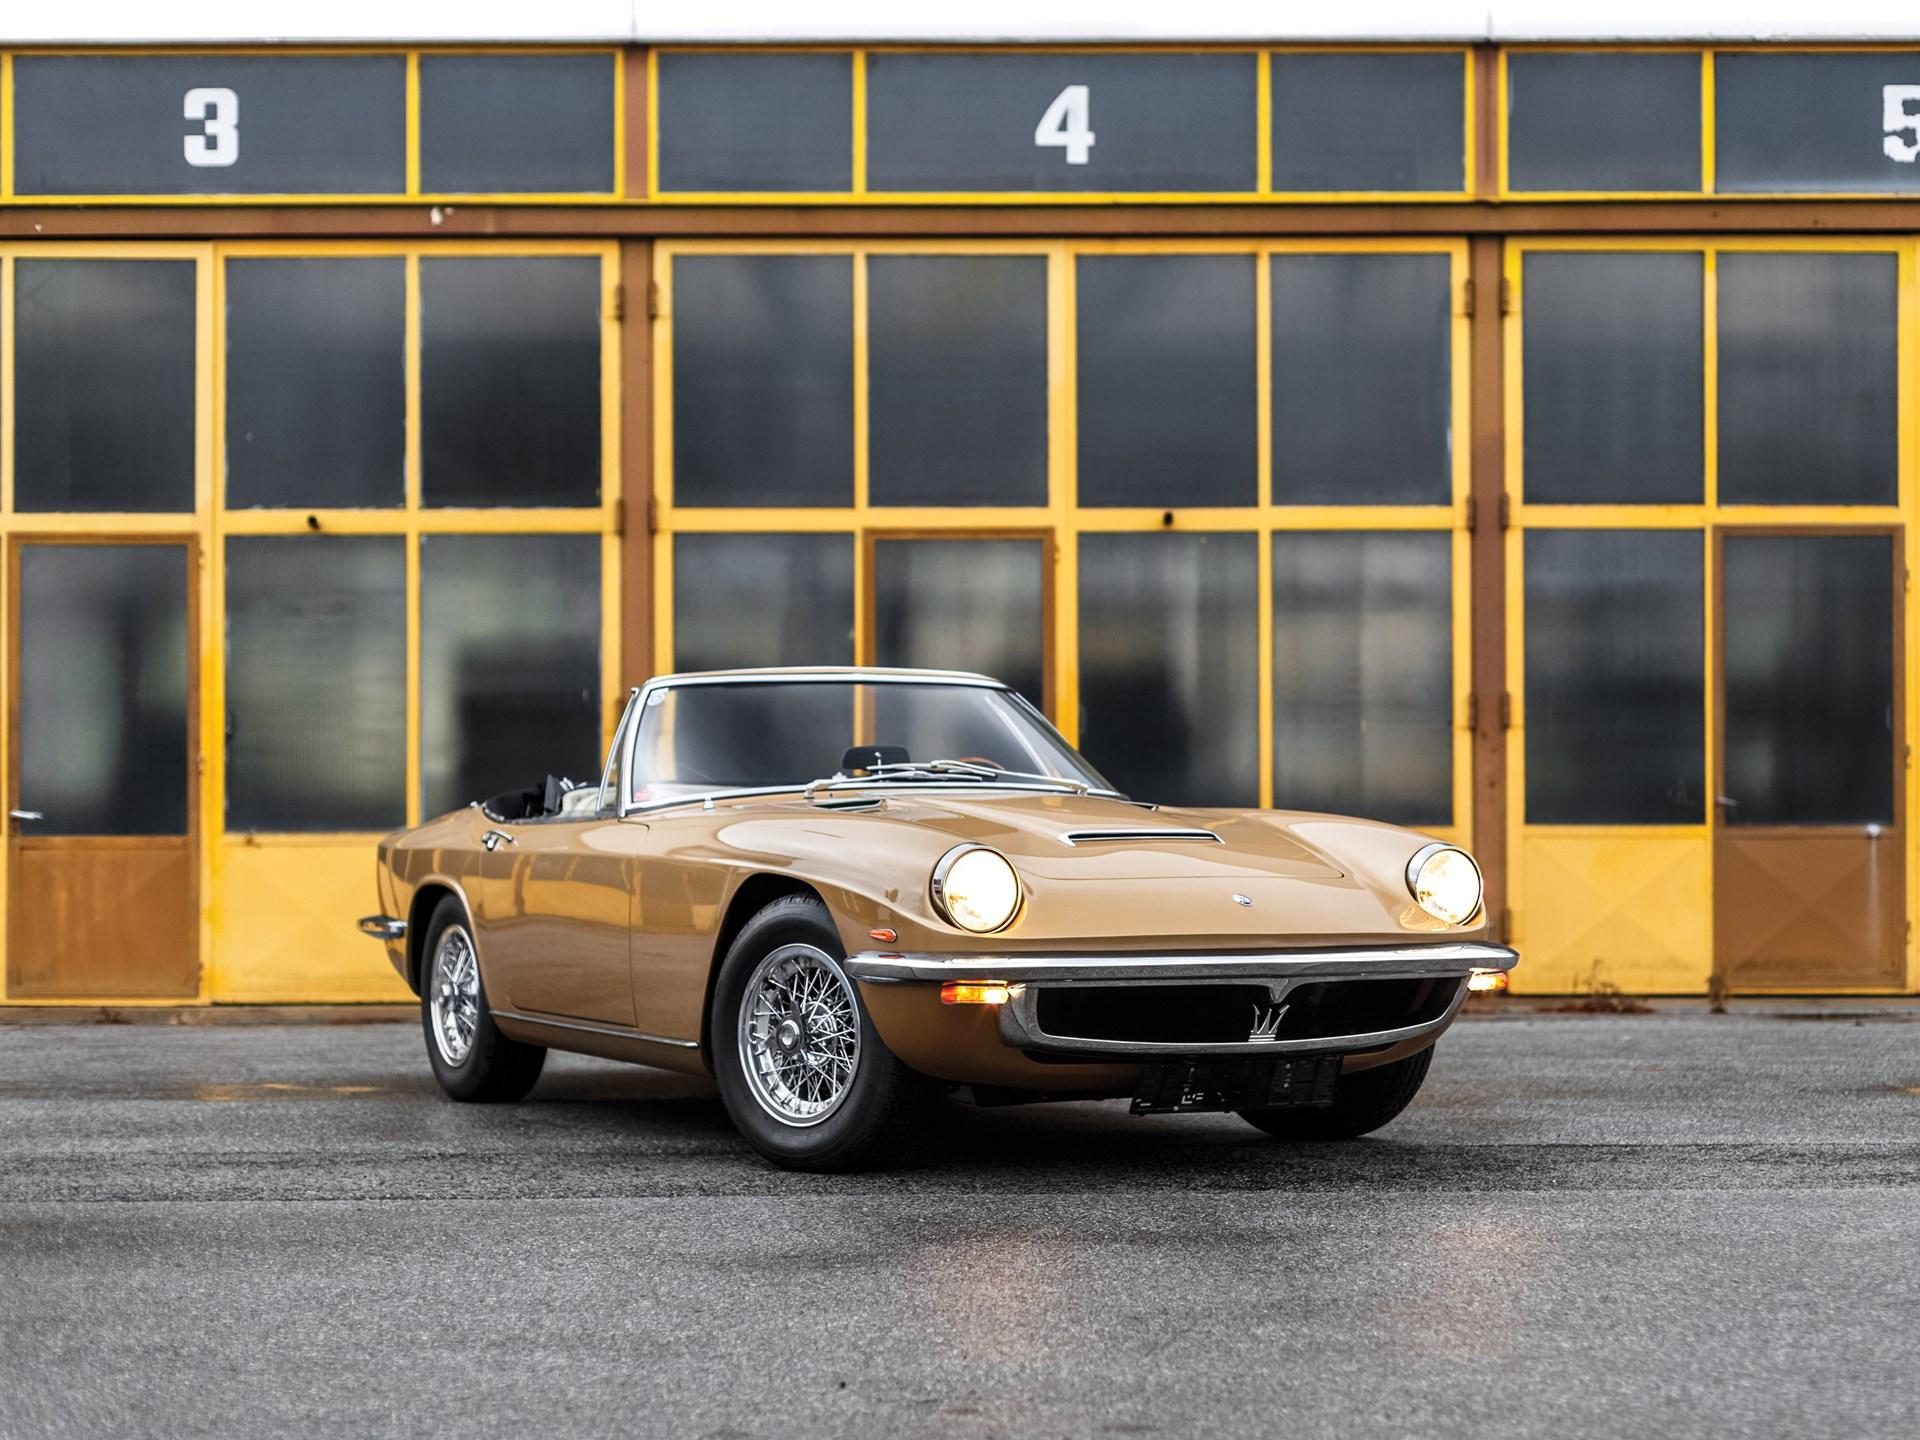 RM Sotheby's - 1967 Maserati Mistral 4.0 Spyder by Frua ...